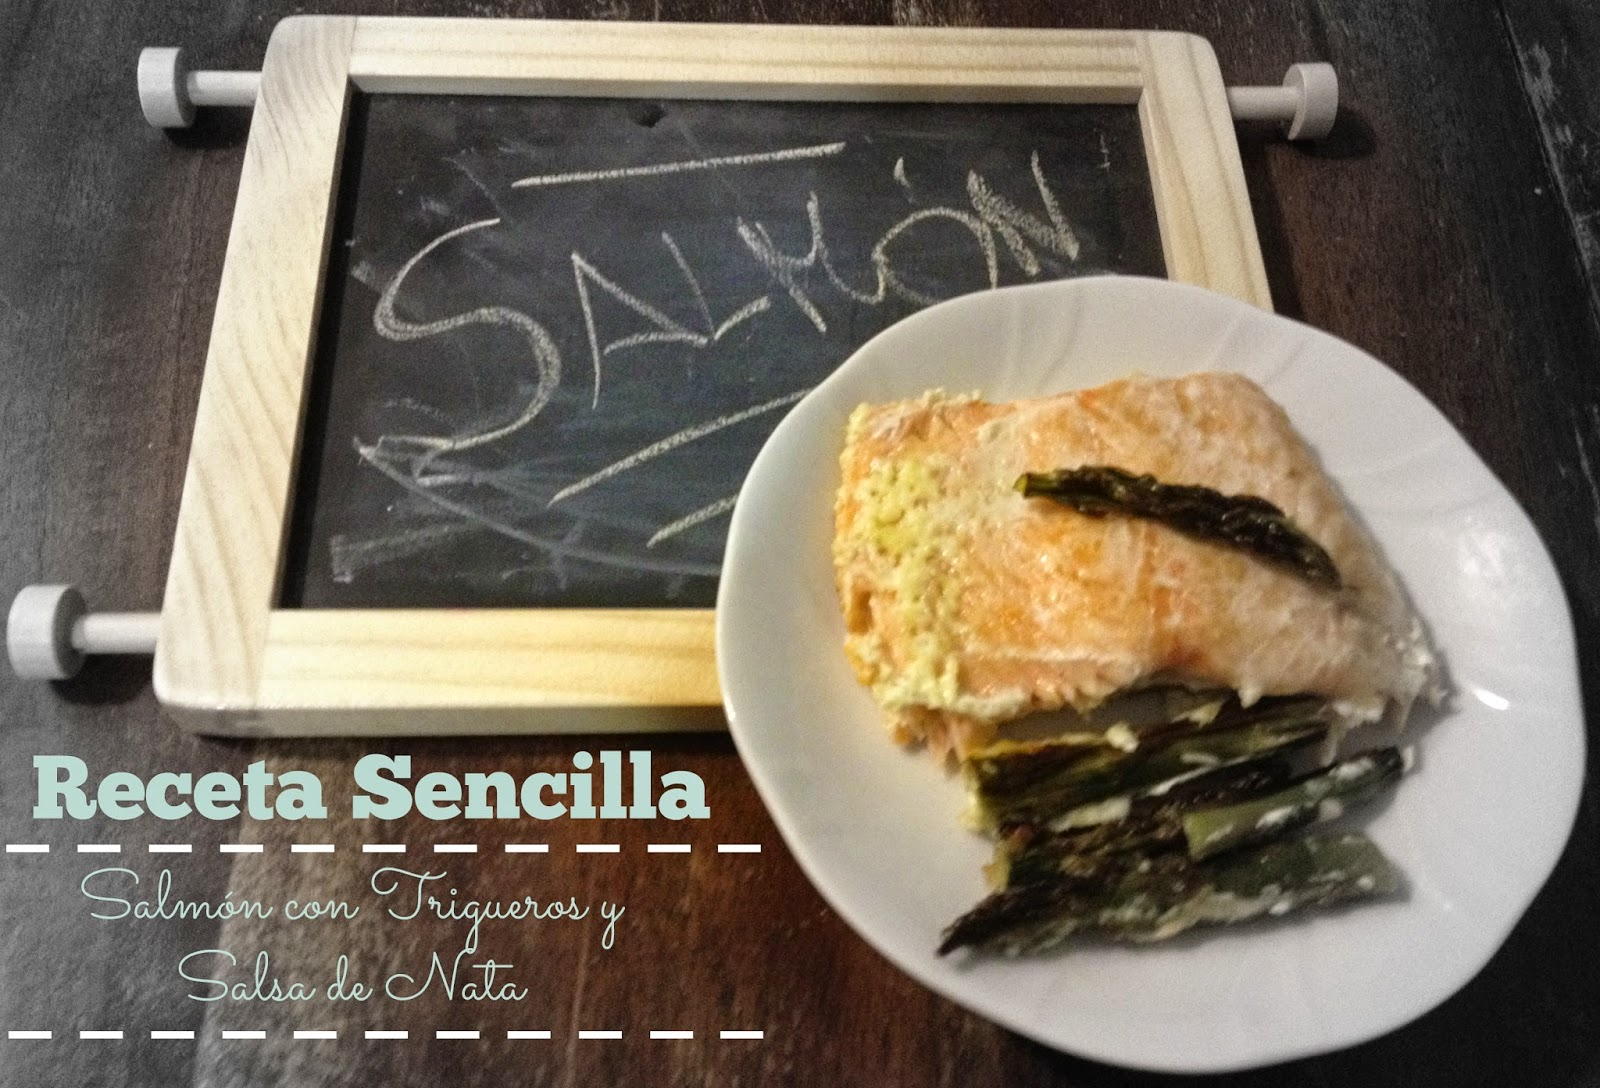 Recetas fáciles: Salmón con trigueros y salsa de nata